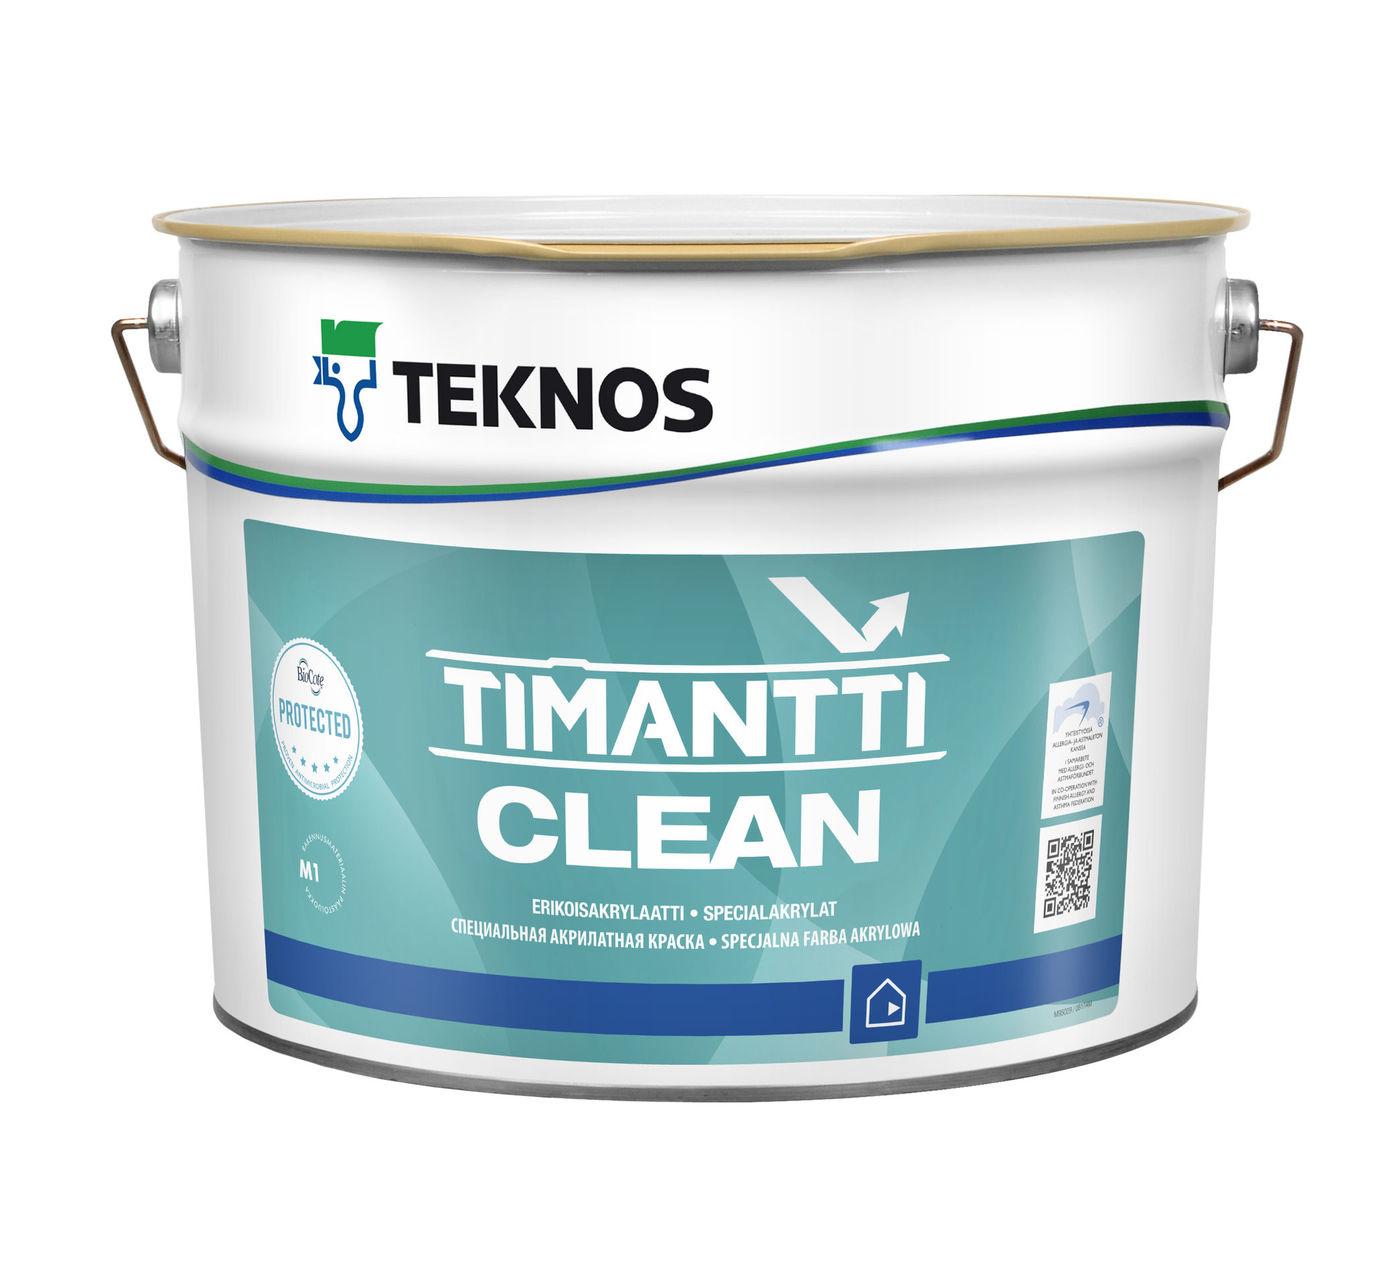 TIMANTTI CLEAN краска антимикробная для внутренних работ